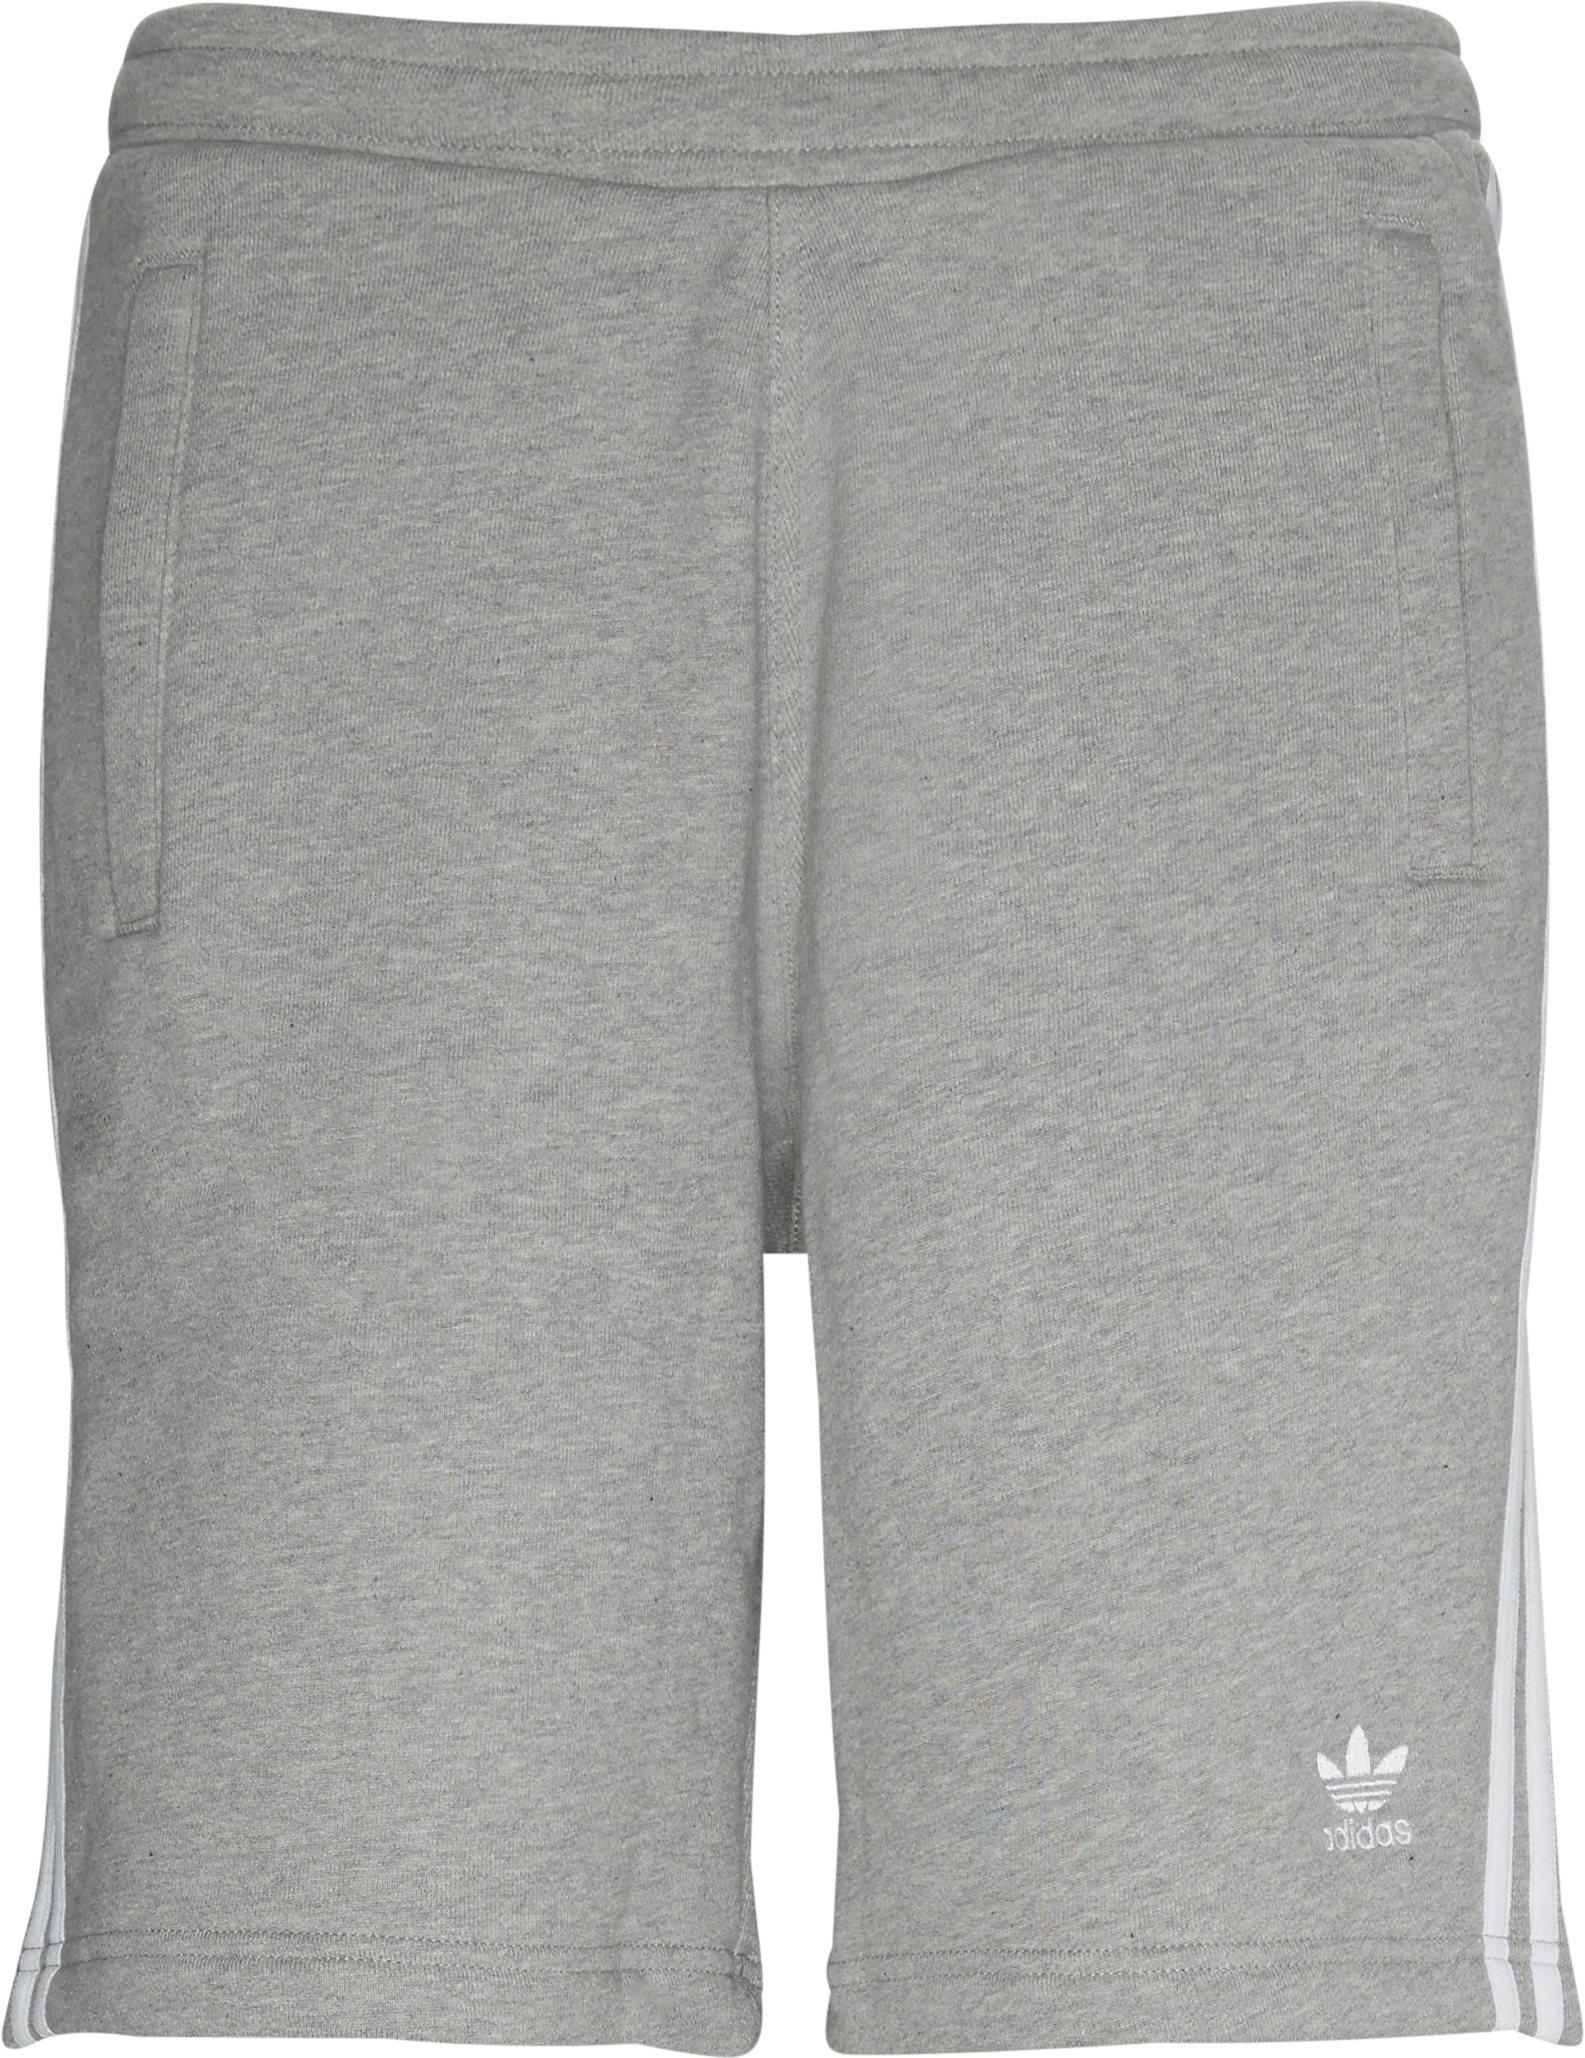 Shorts - Straight fit - Grå